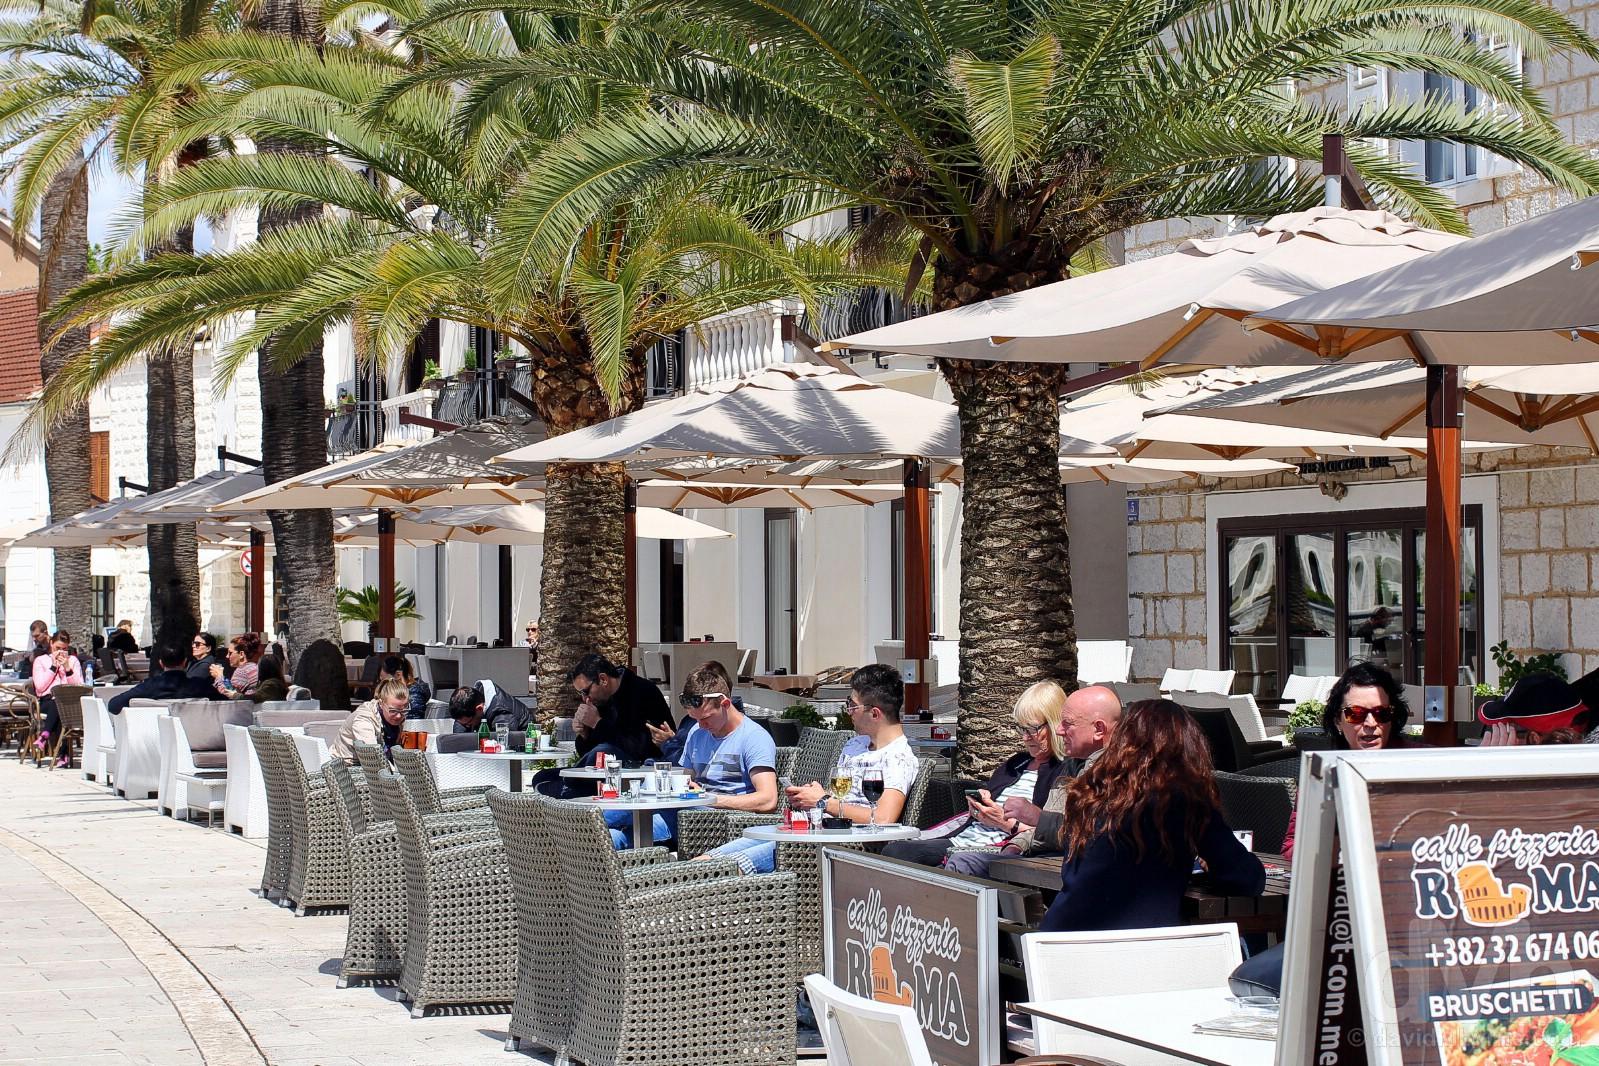 Cafes on Abala Marsala TIta, Porto Montenegro, Montenegro. April 20, 2017.